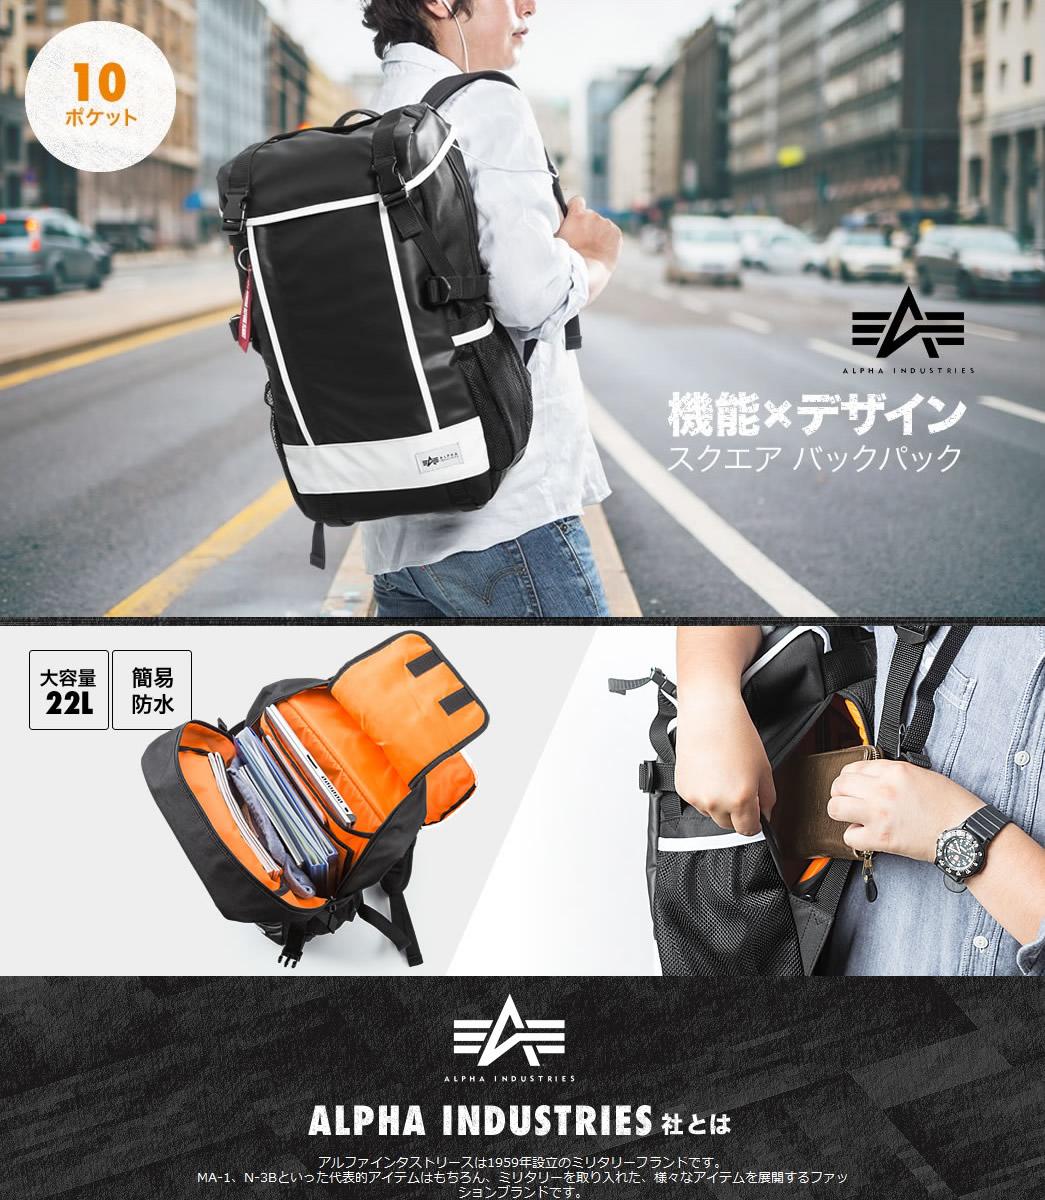 スクエアリュック・バックパック(メンズ・通学/通勤対応・iPad/PC収納・A4サイズ対応・ホワイト)